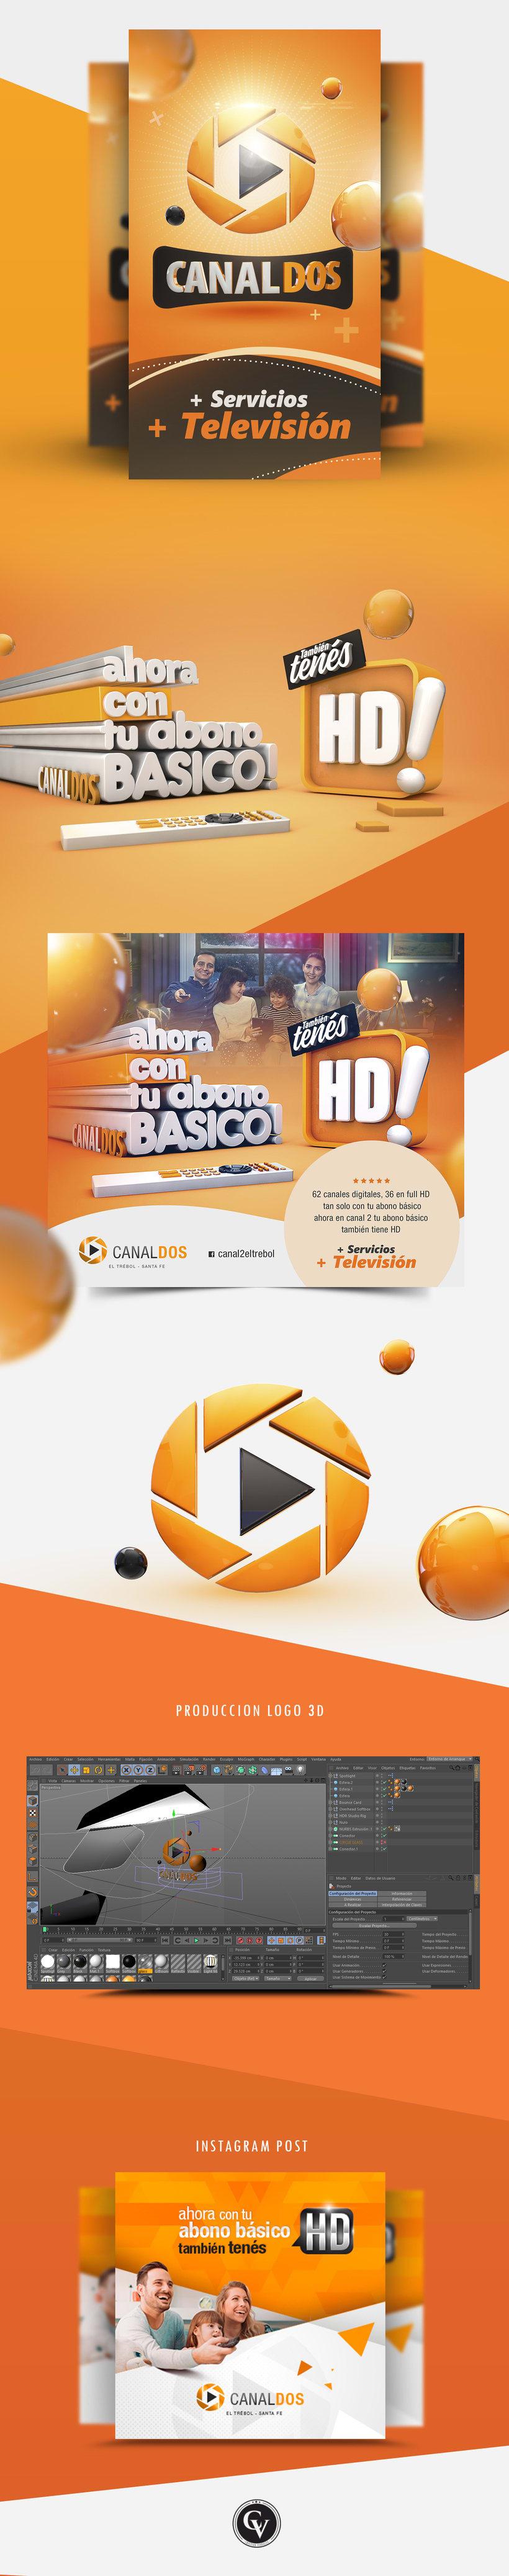 Publicidad - Promo Canal -1